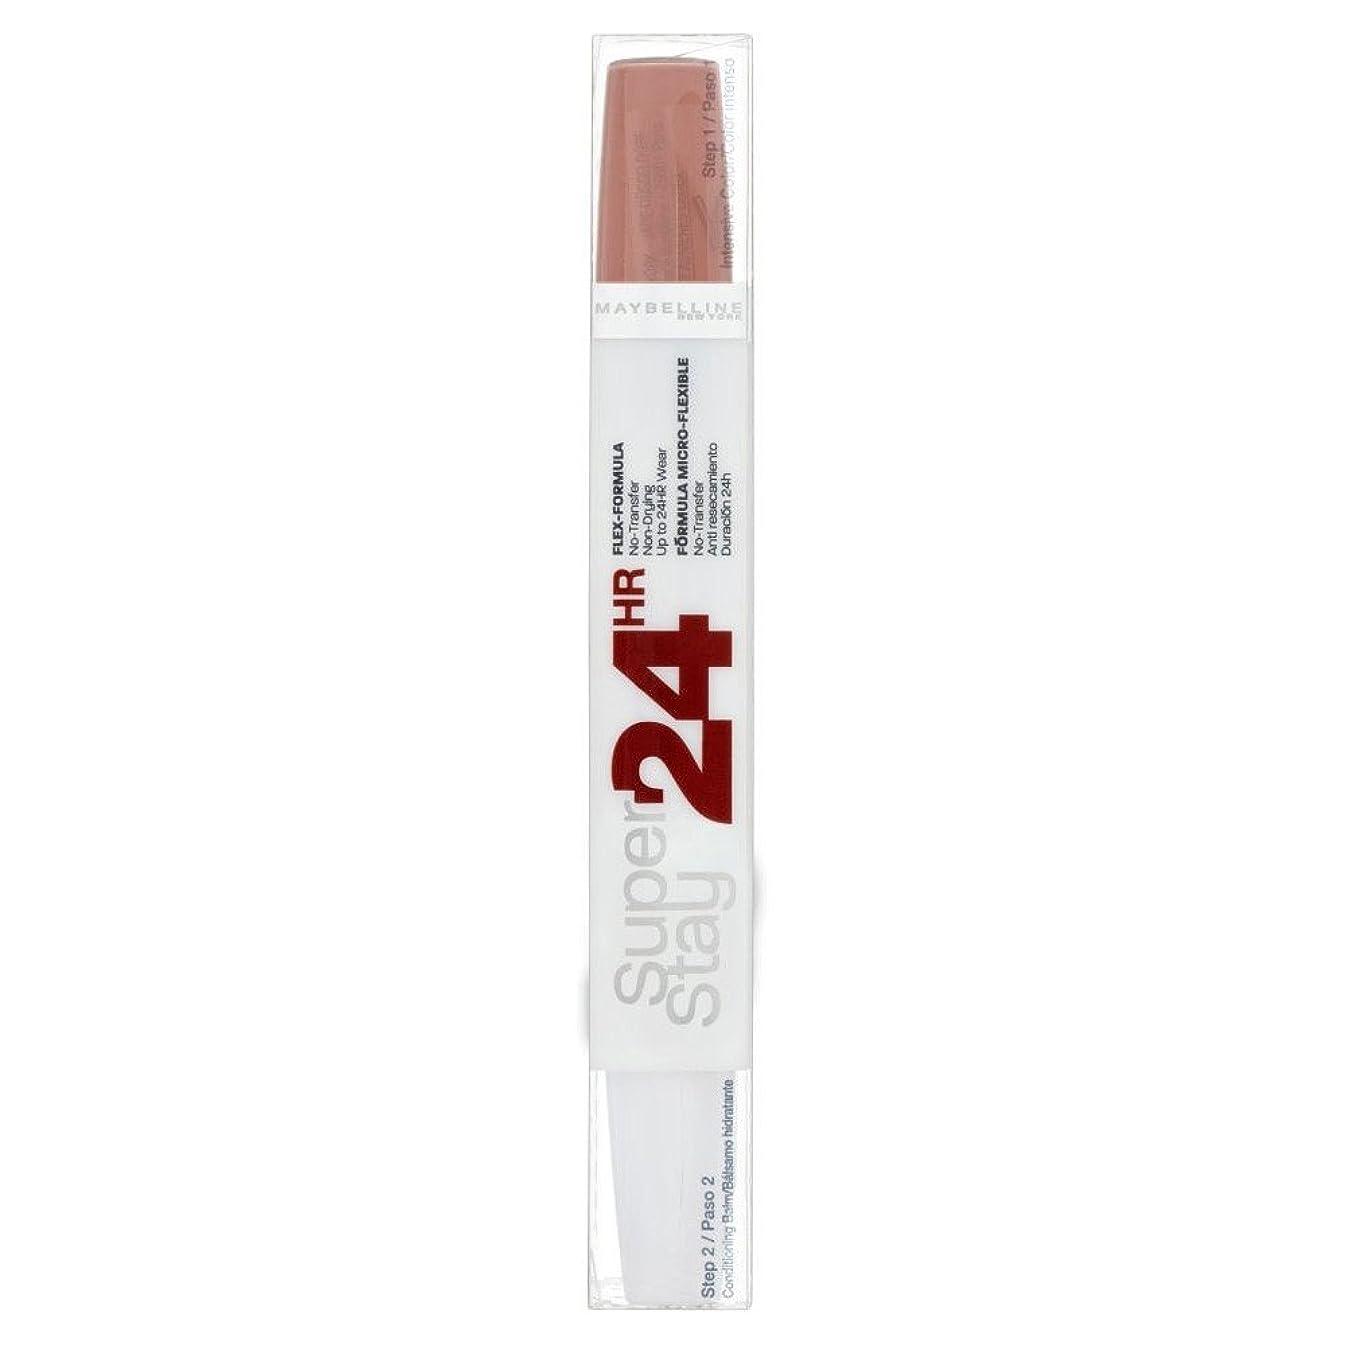 暫定確保する受け取るMaybelline Superstay 24 Hour Lipcolour - 611 Creme Caramel メイベリンsuperstay 24時間lipcolour - 611クリームキャラメル [並行輸入品]